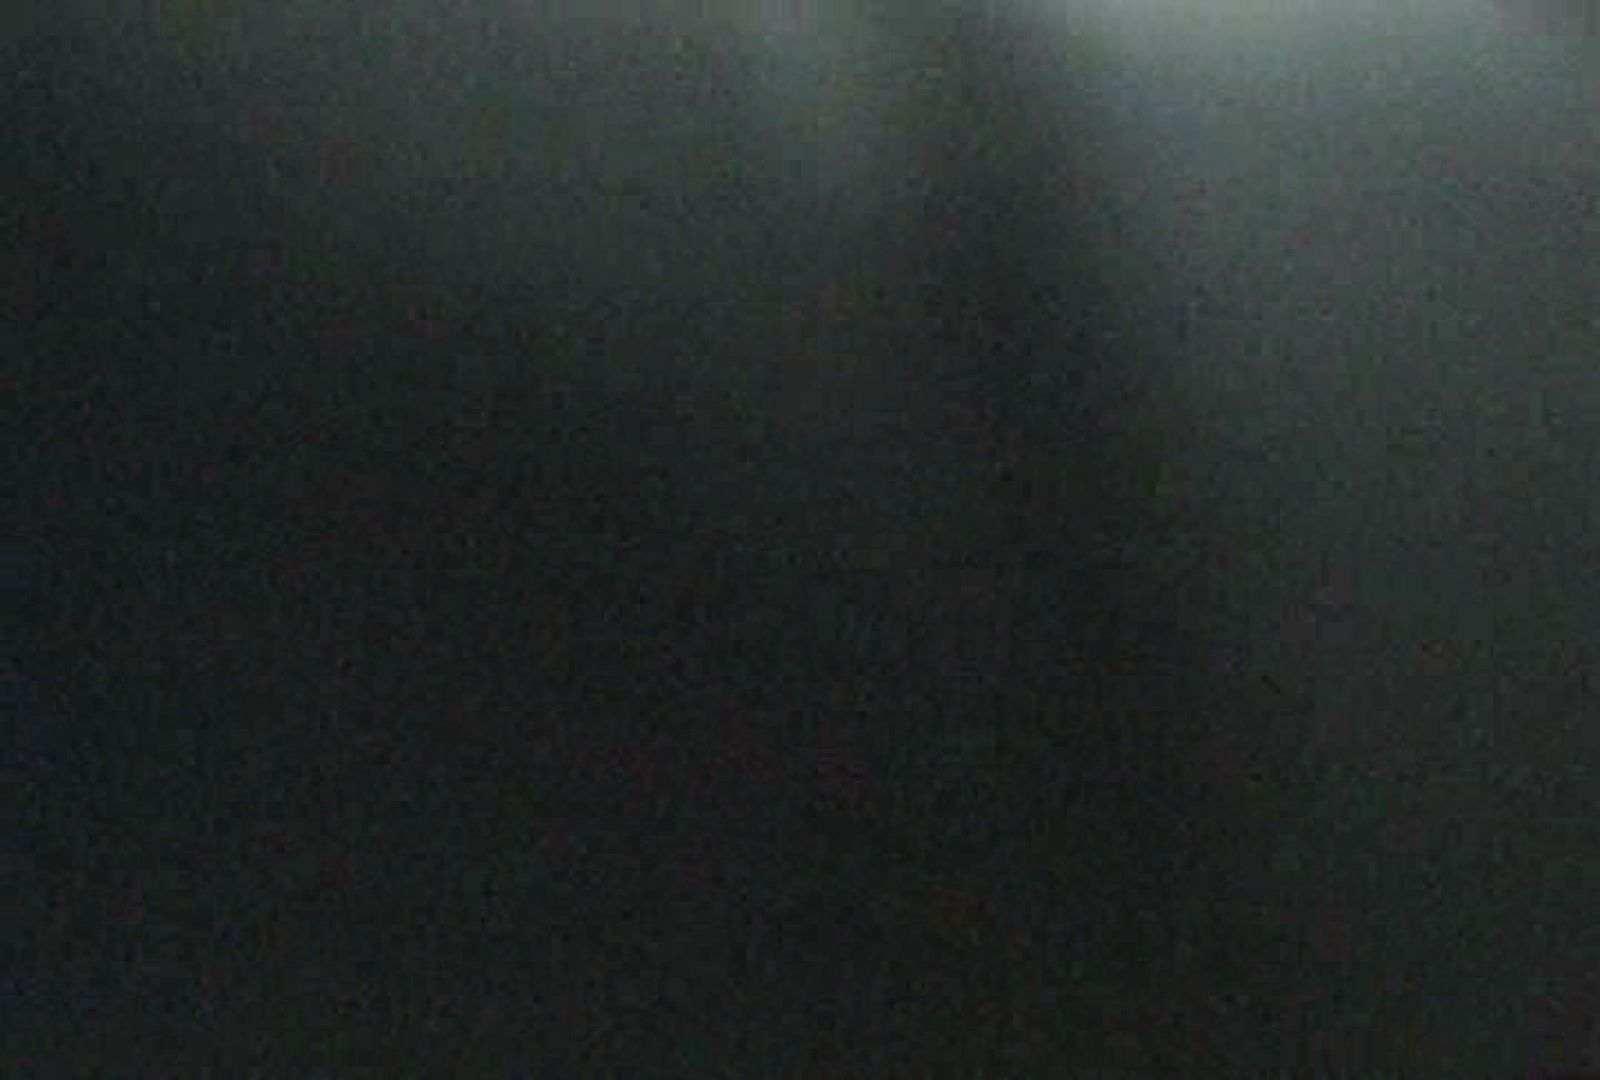 充血監督の深夜の運動会Vol.44 セックス SEX無修正画像 86連発 59